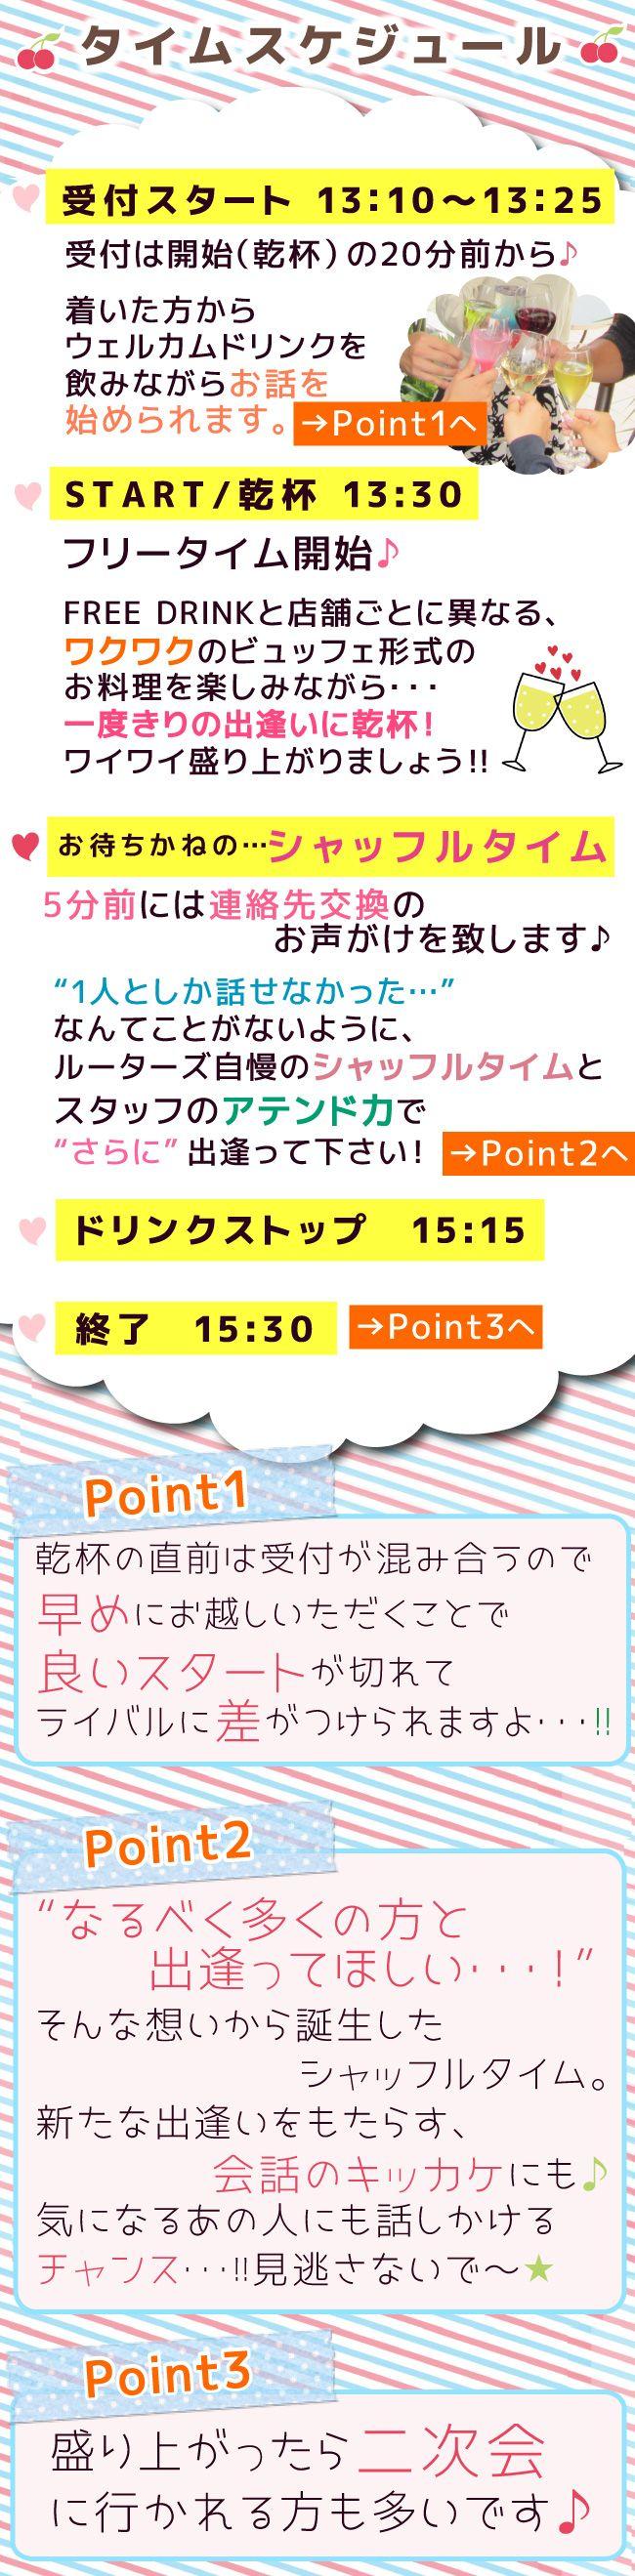 ★青山1310受付